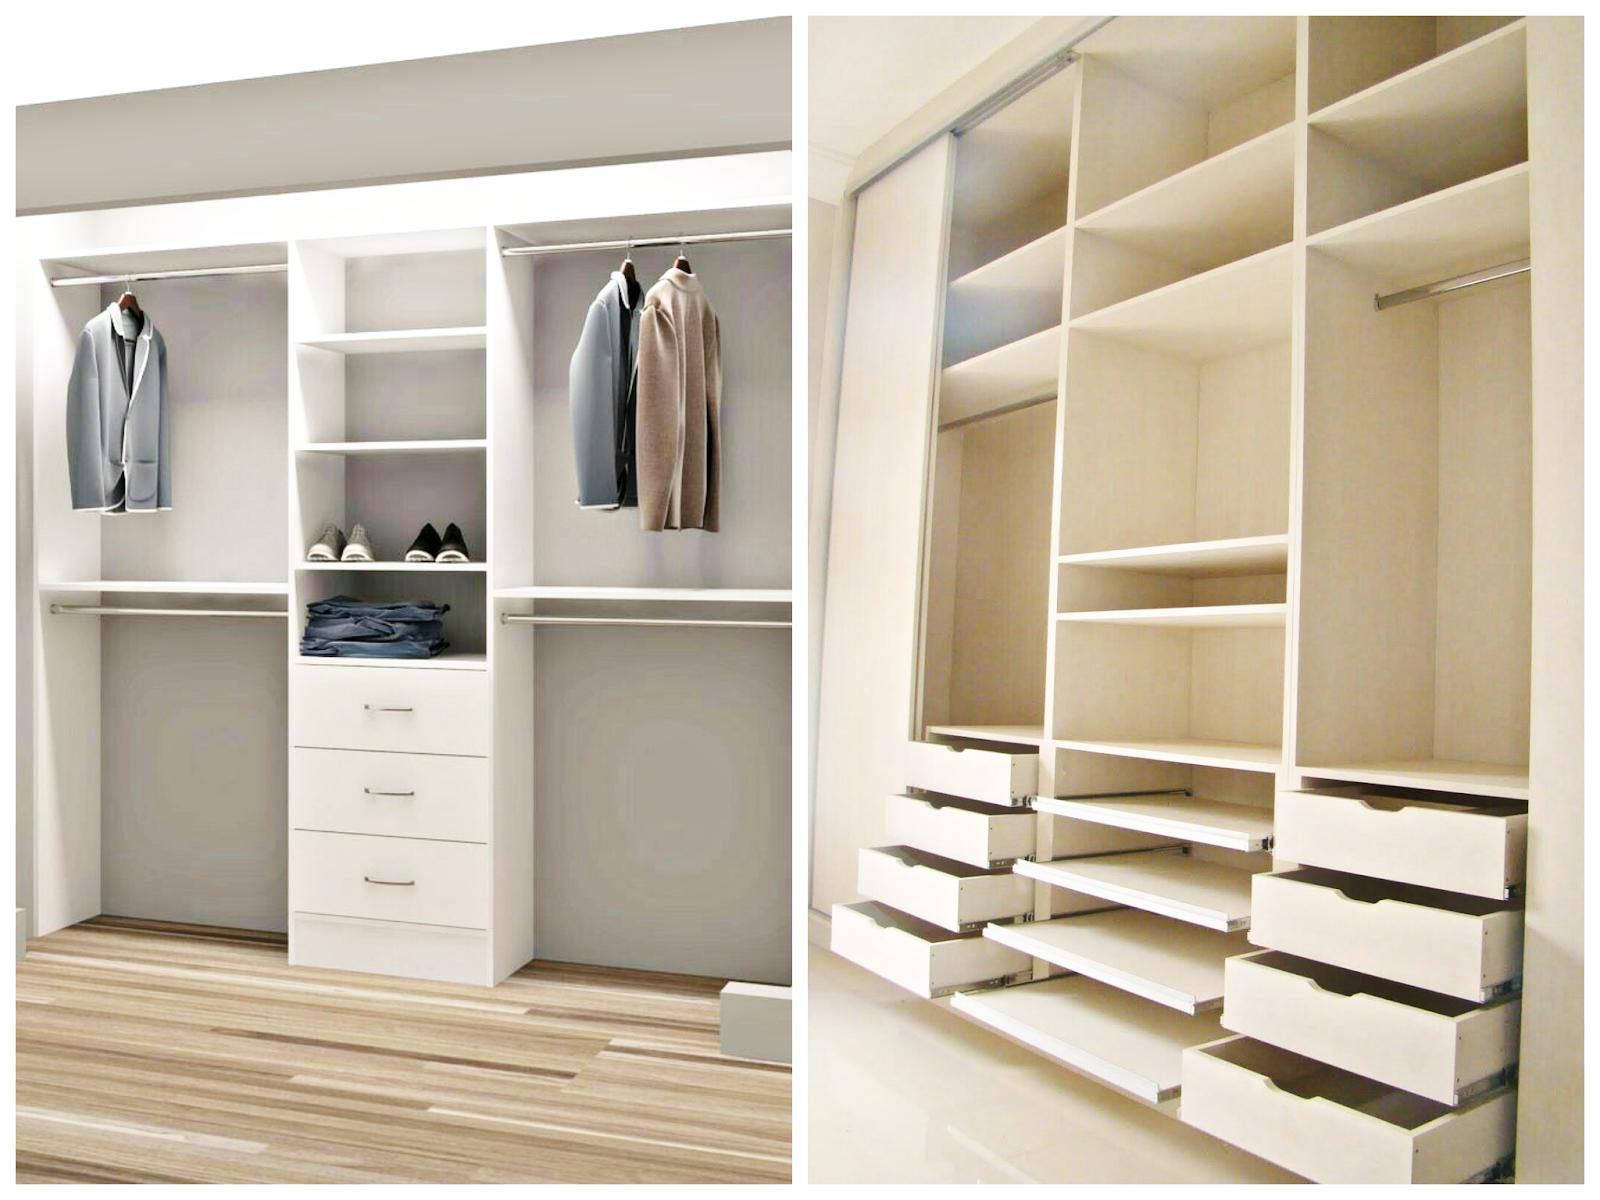 Diseño de armarios y cómo organizarlos